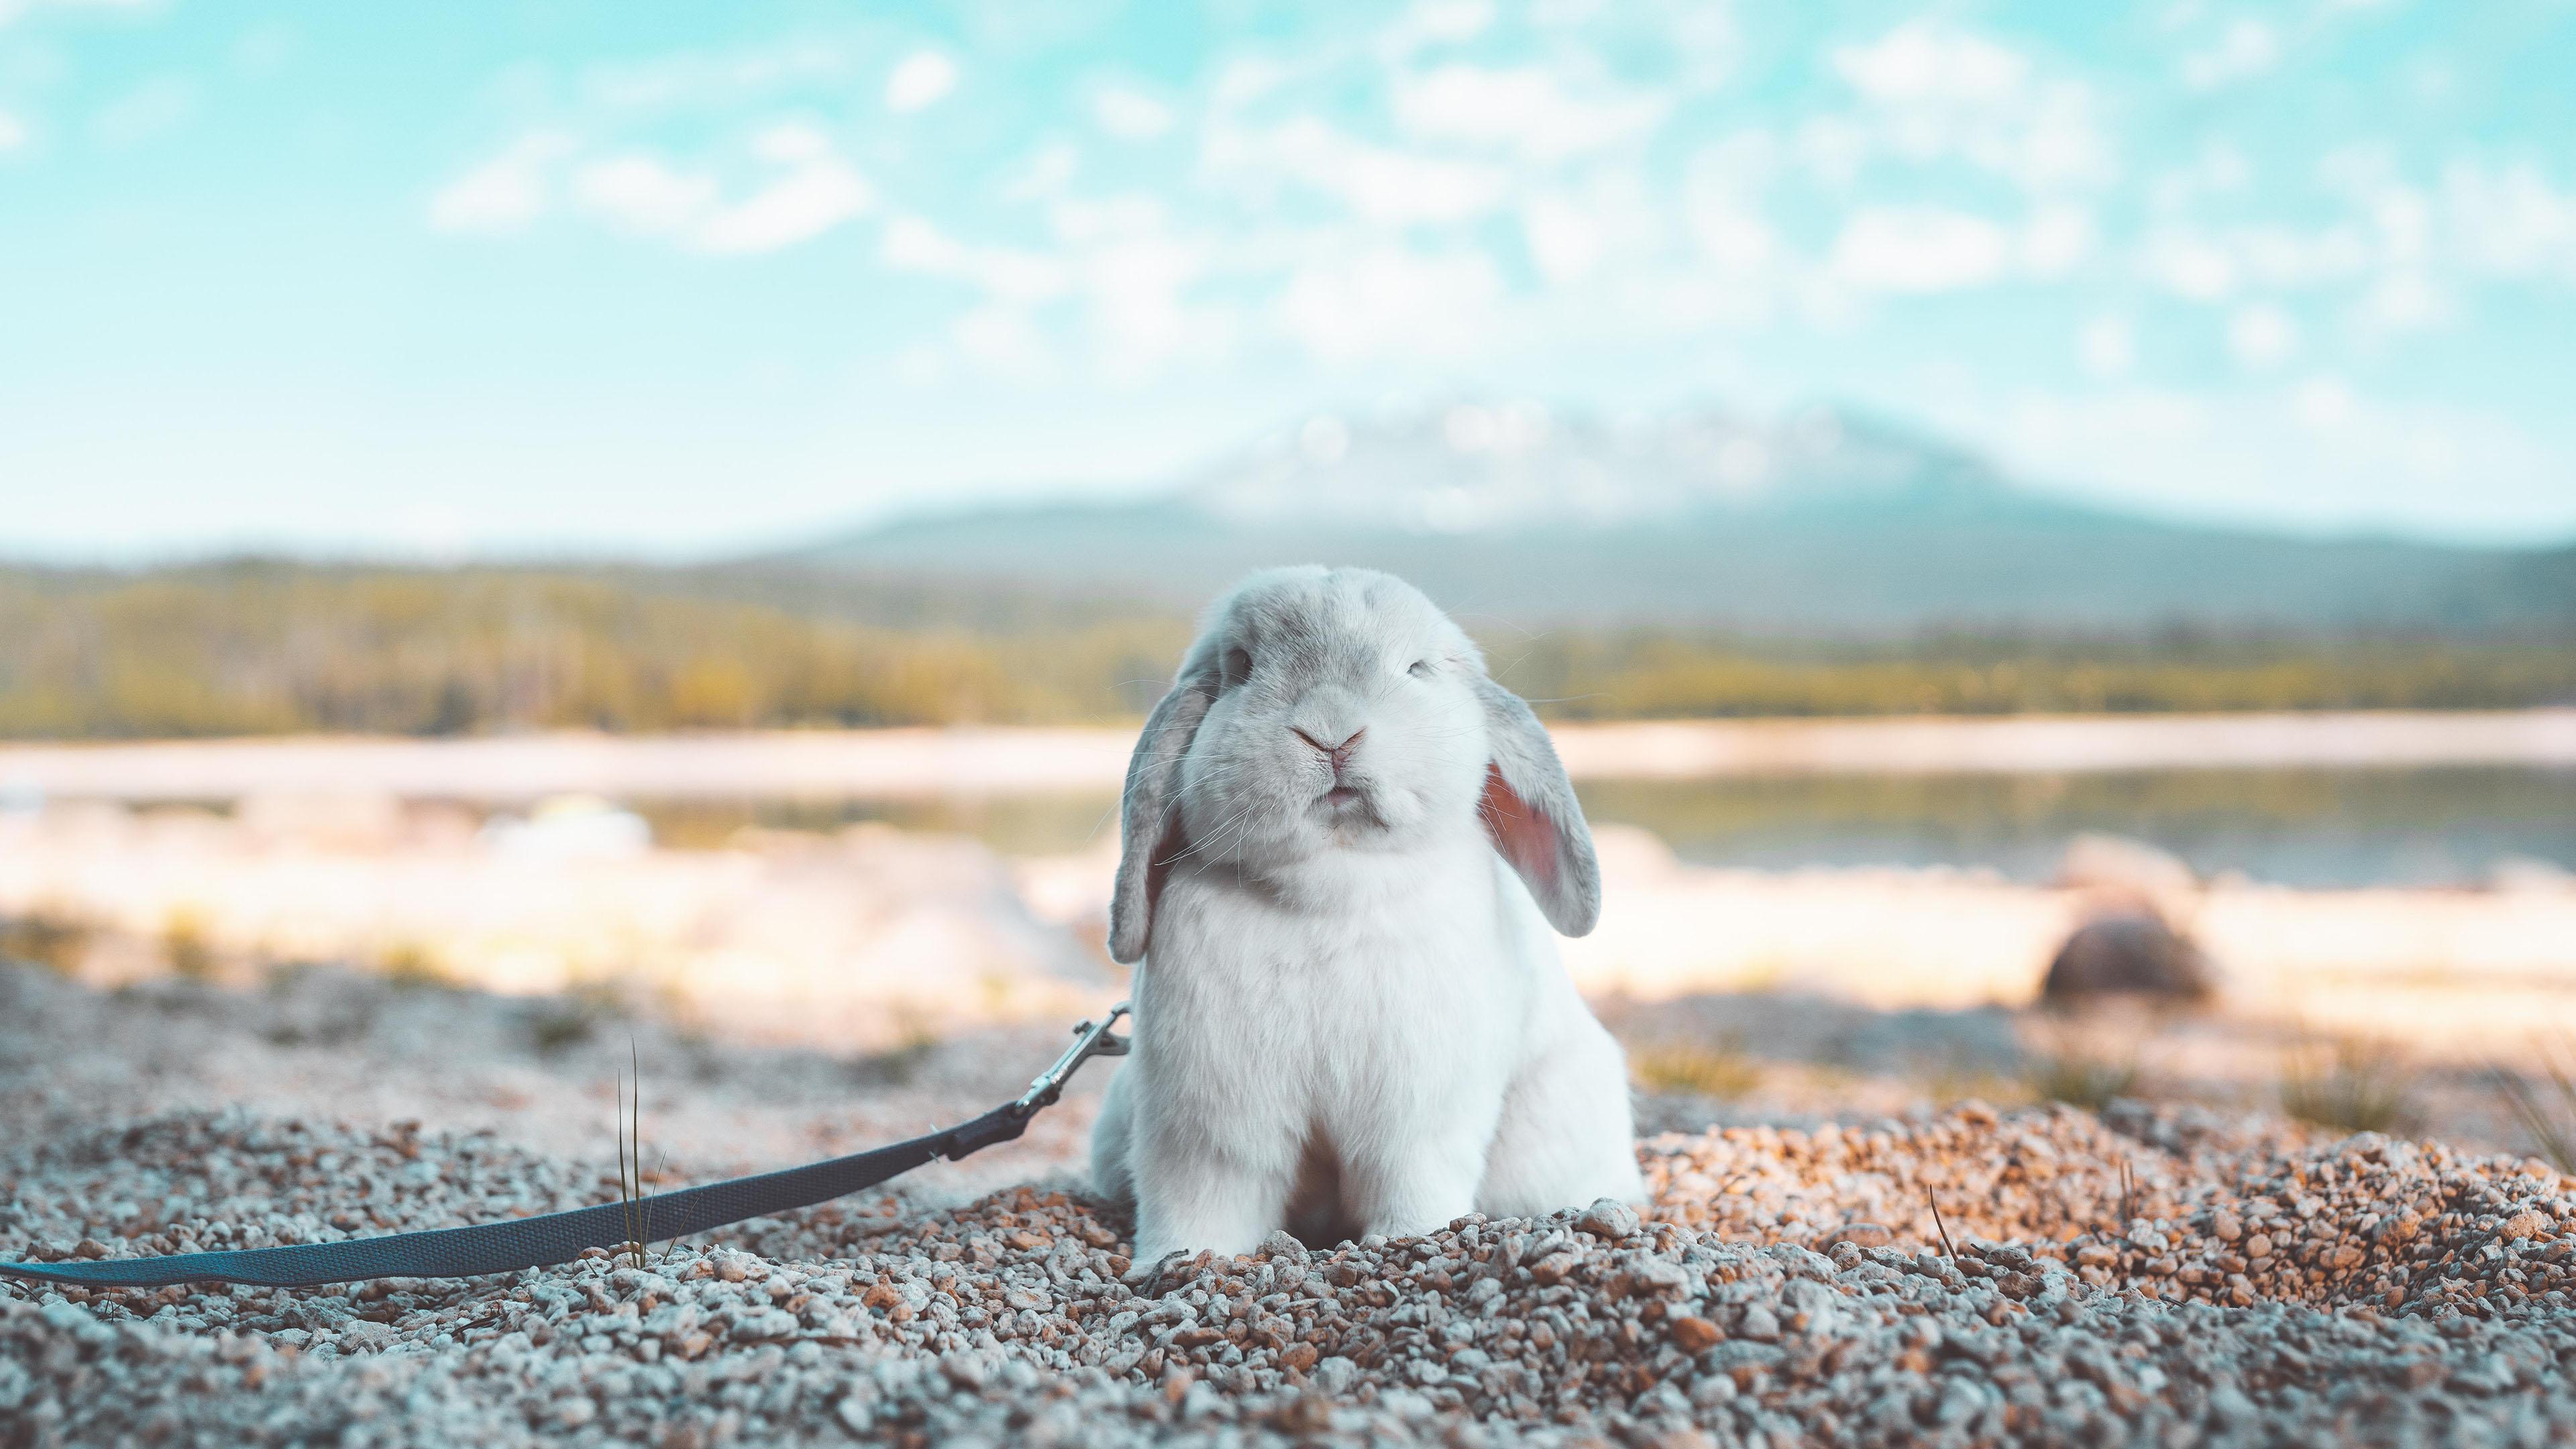 萌宠动物,古灵精怪,兔子,沙滩,可爱,兔兔